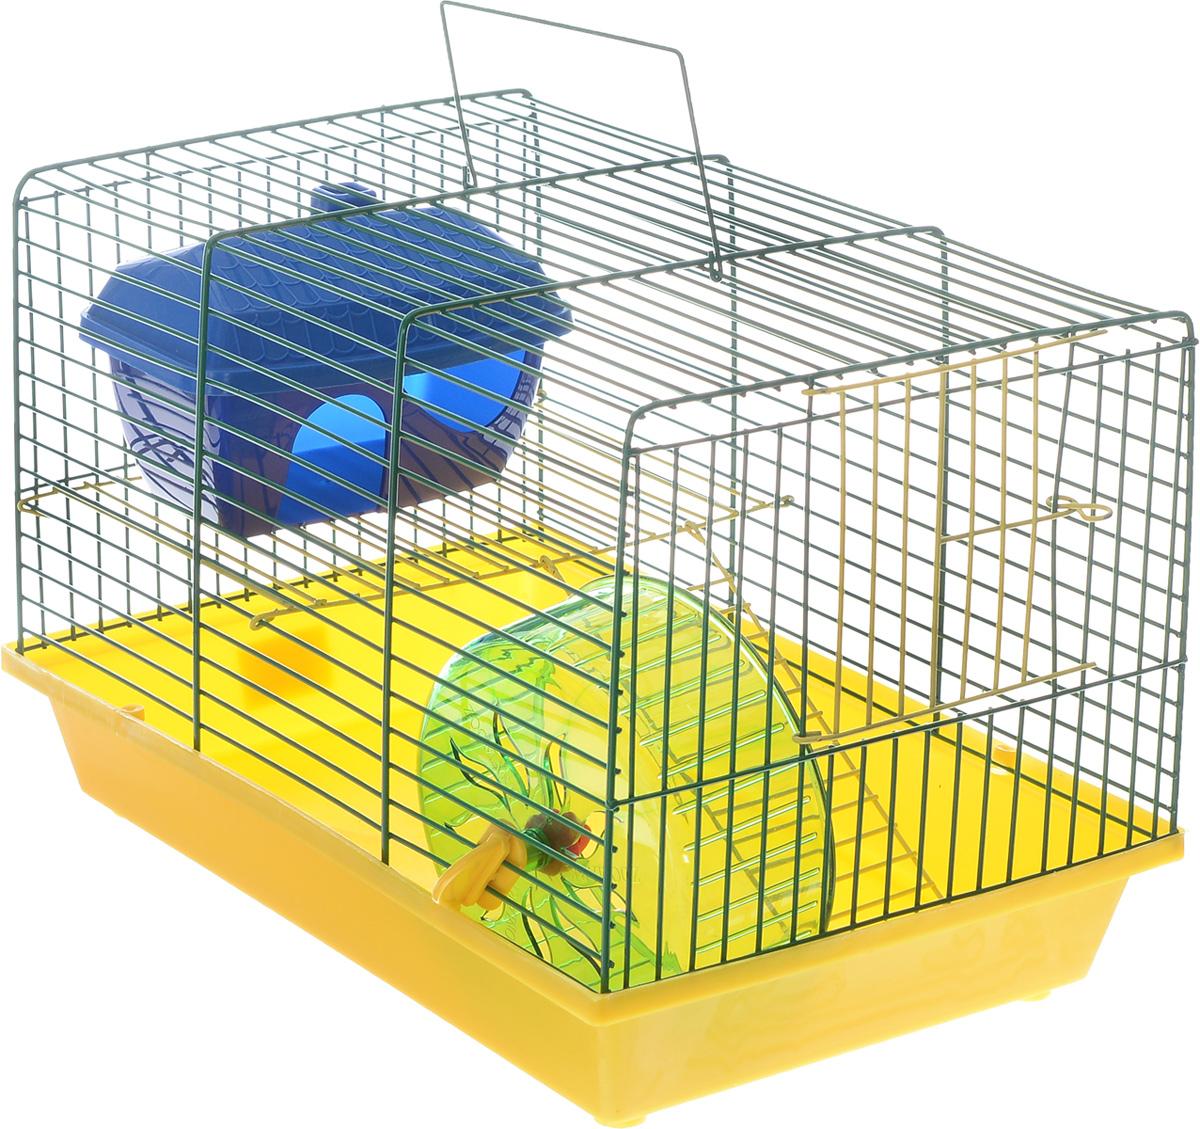 Клетка для грызунов ЗооМарк, 2-этажная, цвет: желтый поддон, зеленая решетка, 36 х 22 х 24 см125жЖЗ_желтый поддон, зеленая решеткаКлетка ЗооМарк, выполненная из полипропилена и металла, подходит для мелких грызунов. Изделие двухэтажное, оборудовано колесом для подвижных игр и пластиковым домиком. Клетка имеет яркий поддон, удобна в использовании и легко чистится. Сверху имеется ручка для переноски, а сбоку удобная дверца. Такая клетка станет уединенным личным пространством и уютным домиком для маленького грызуна.